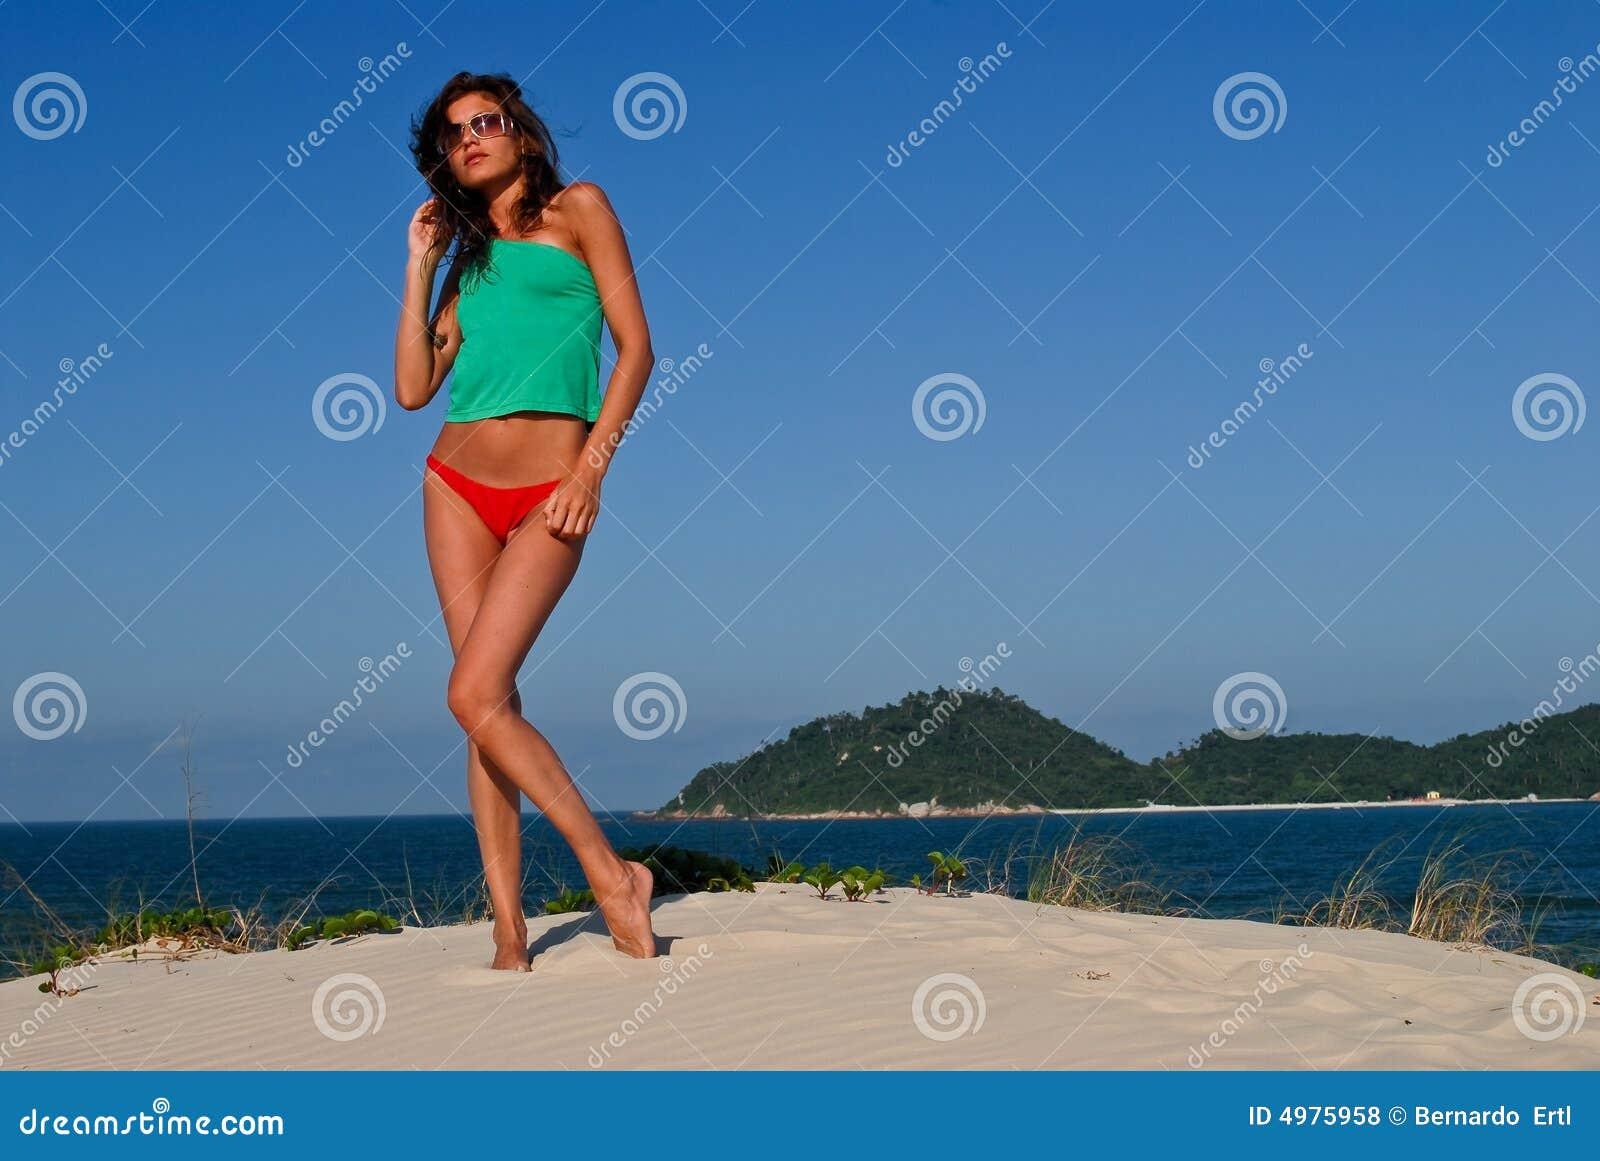 сексуальное модели бикини пляжа красное